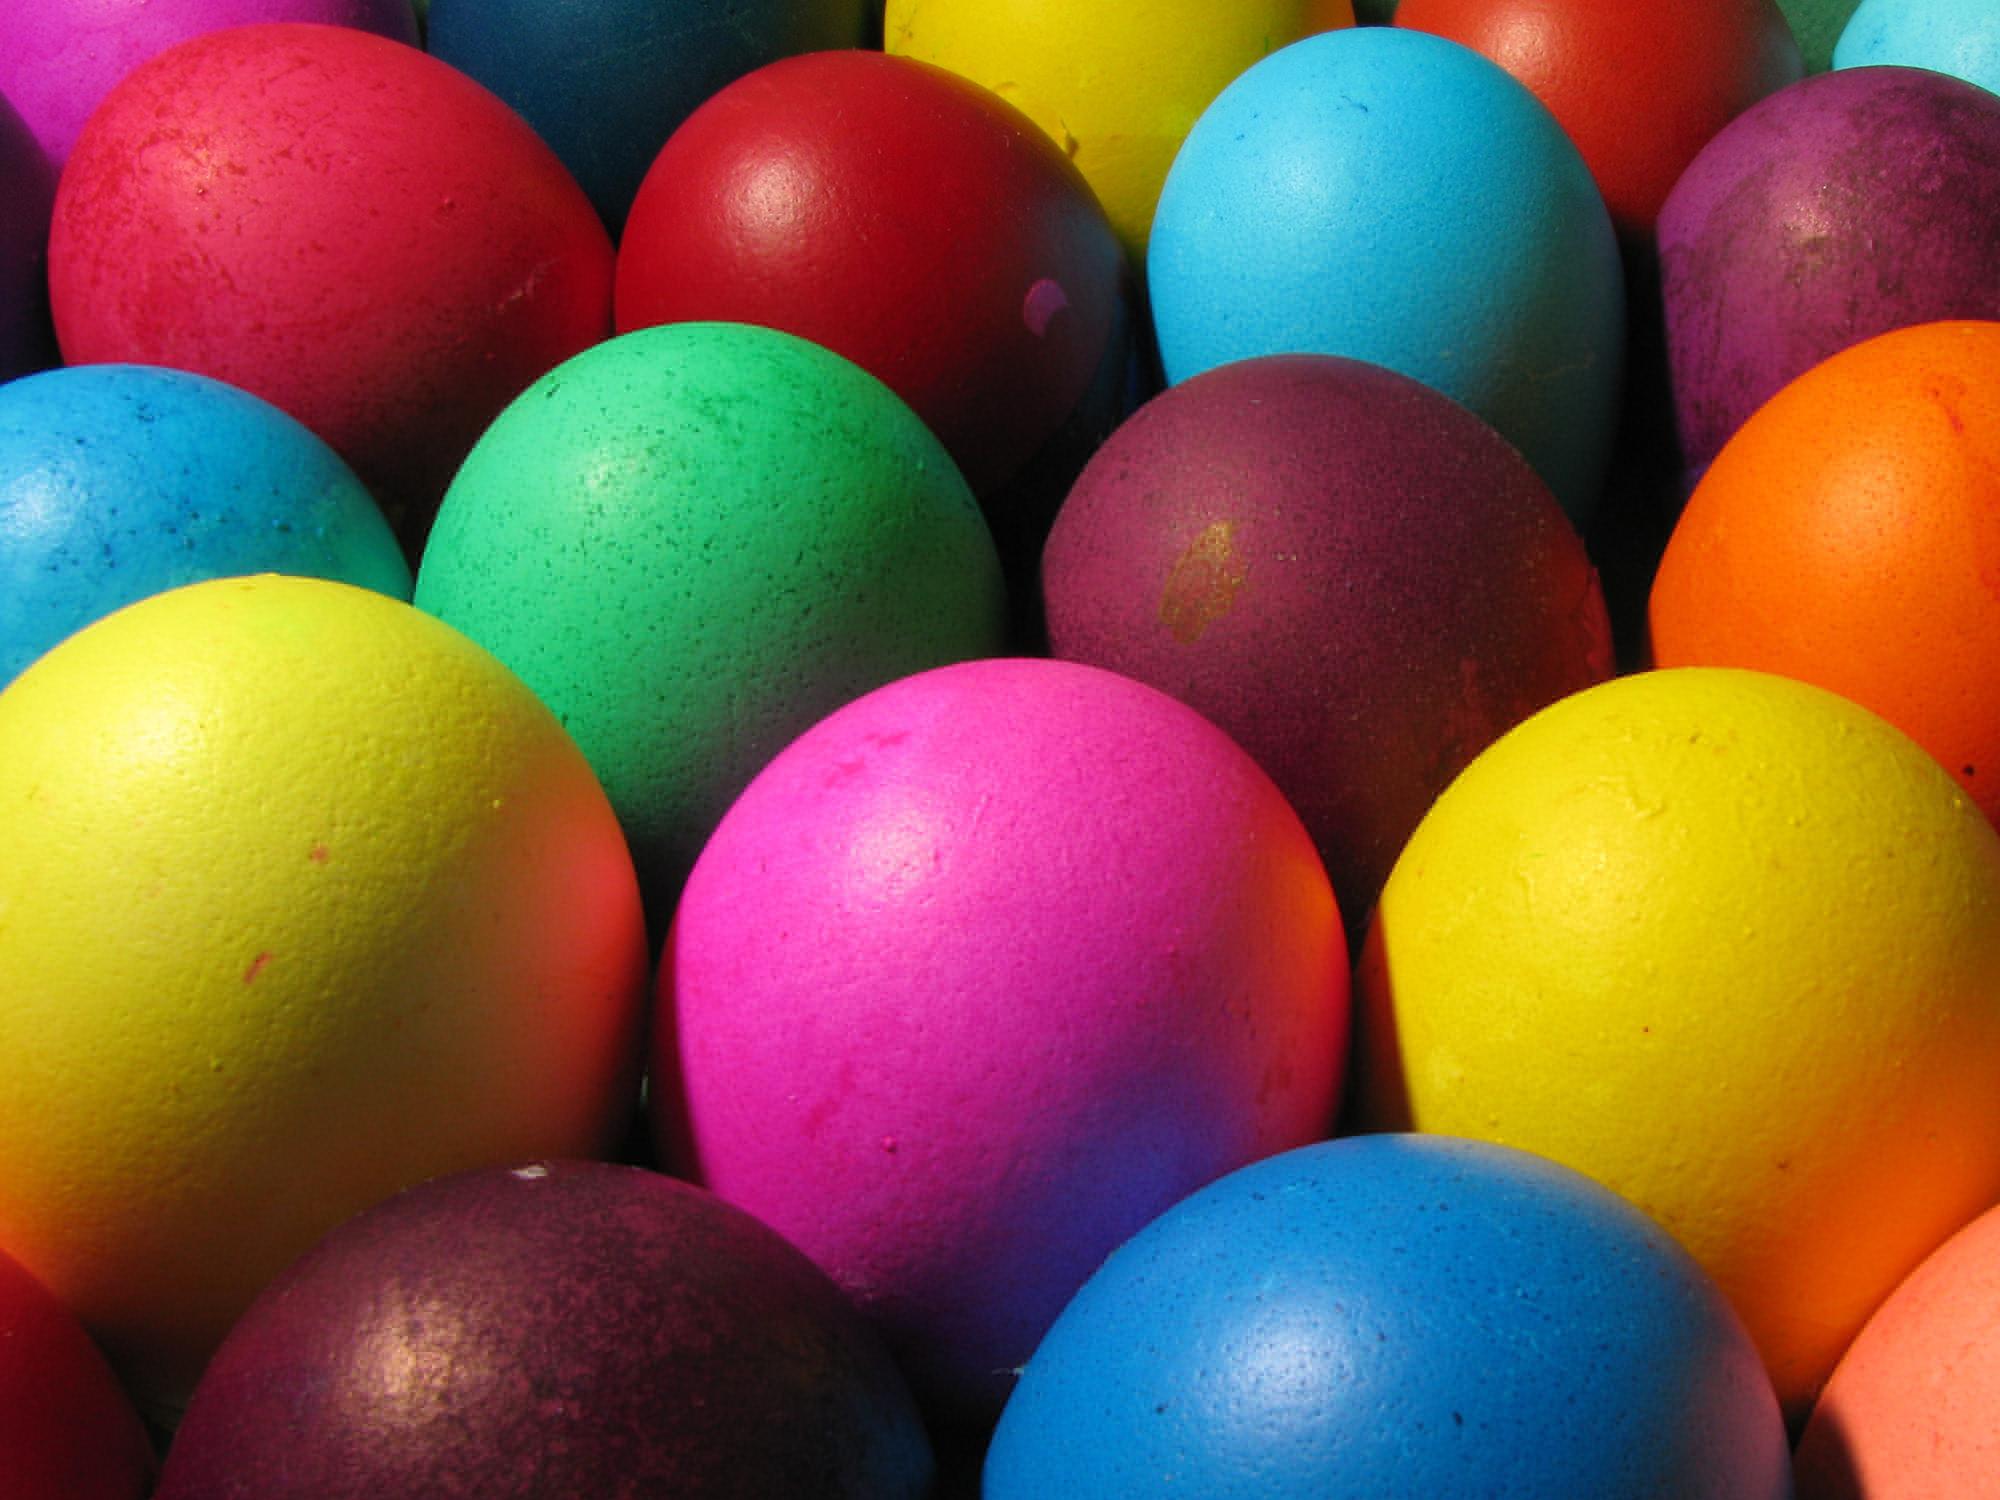 Screenshot Of An Easter Egg Wallpaper